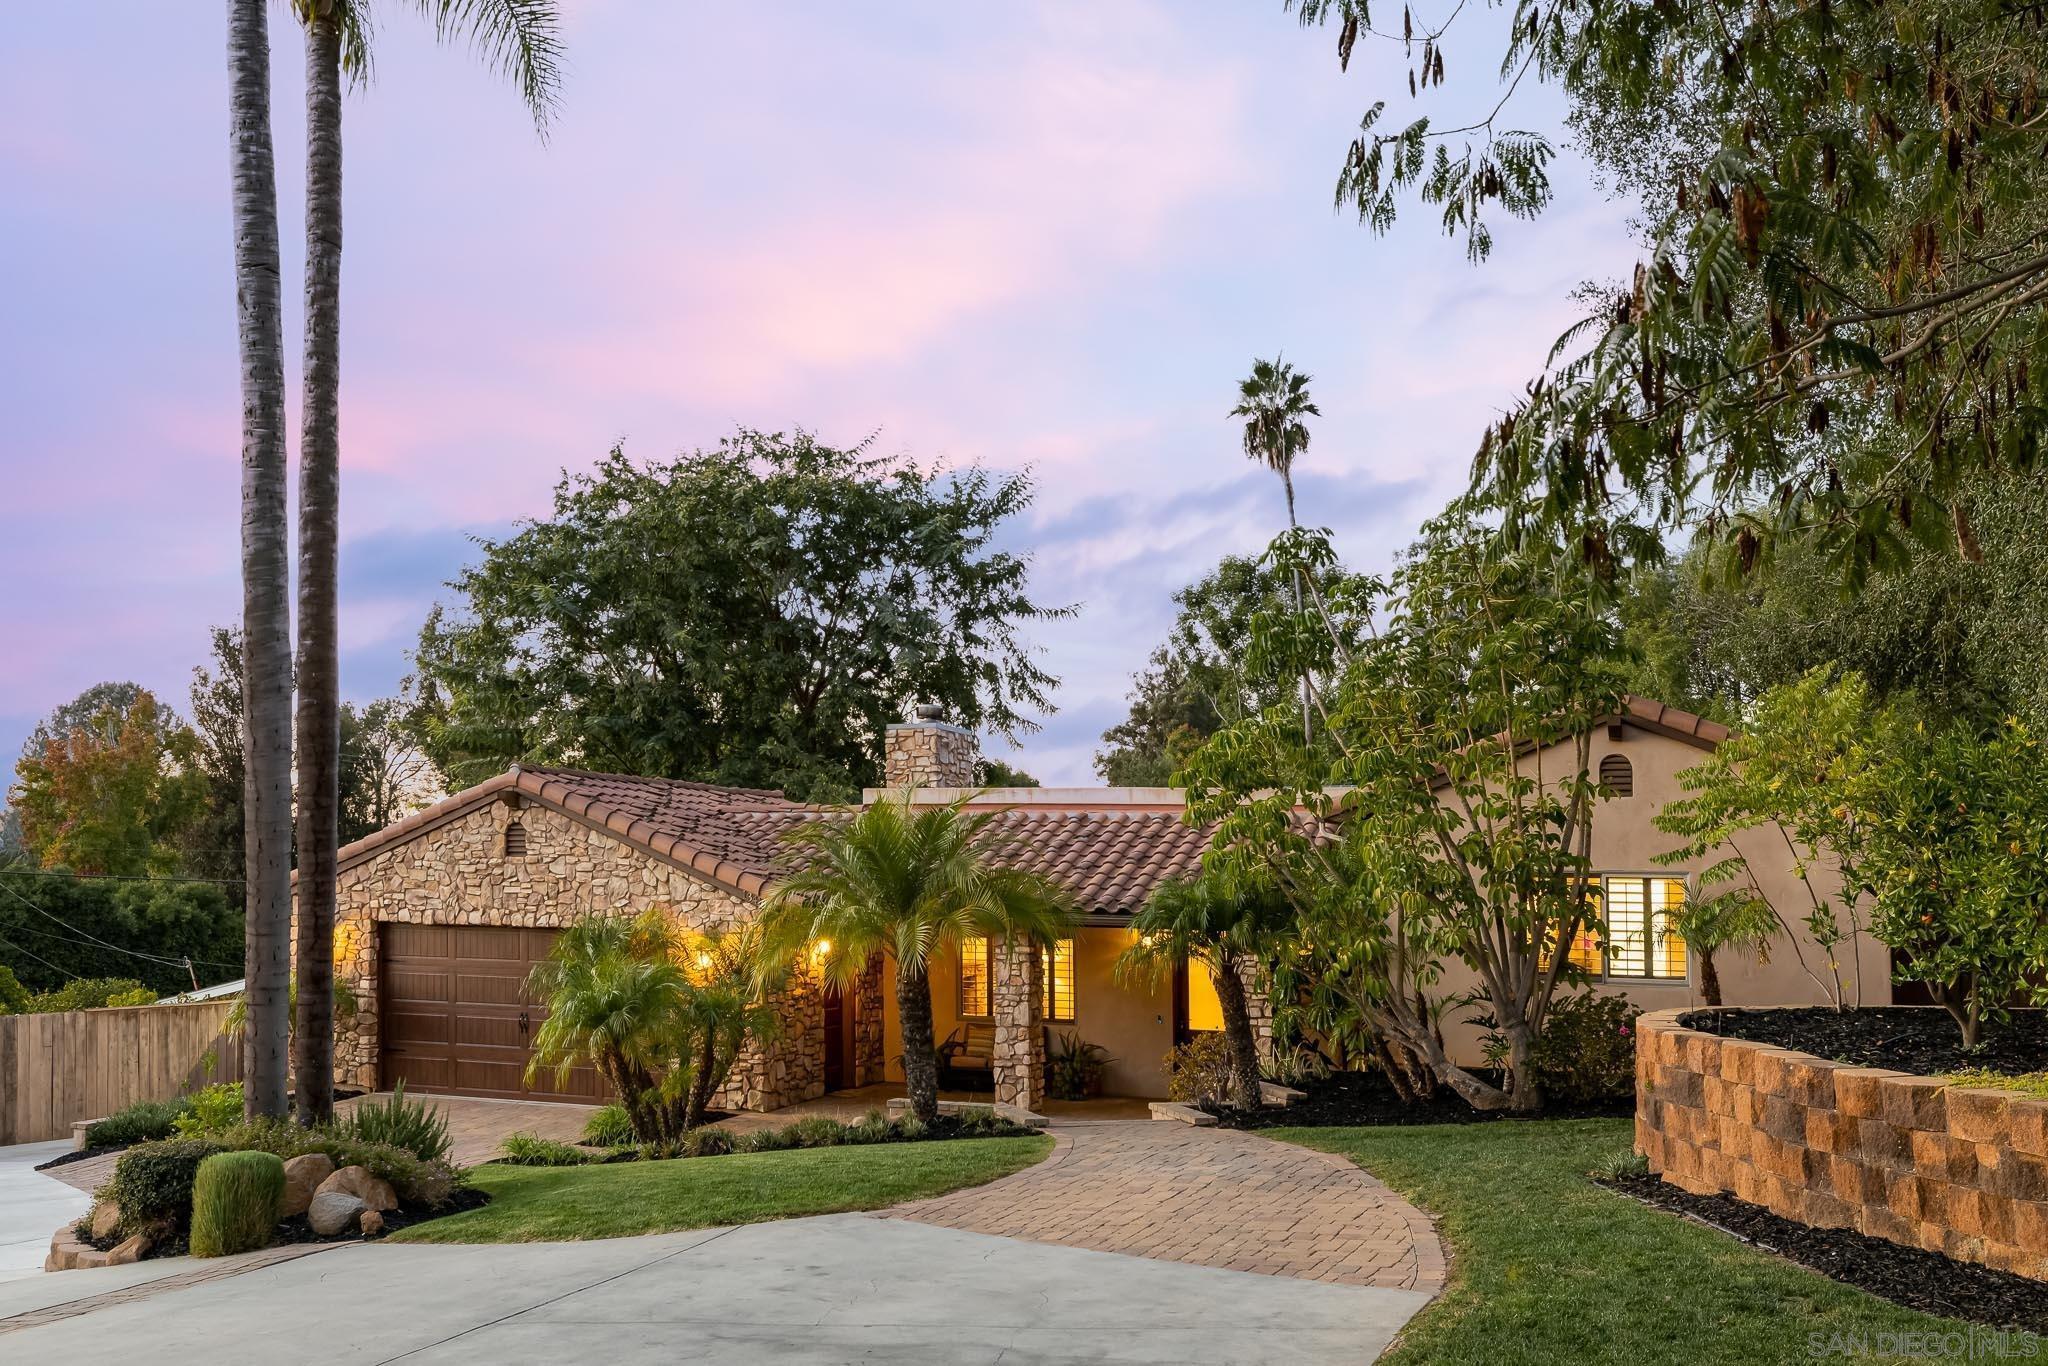 13410 Stone Canyon Rd, Poway, CA 92064